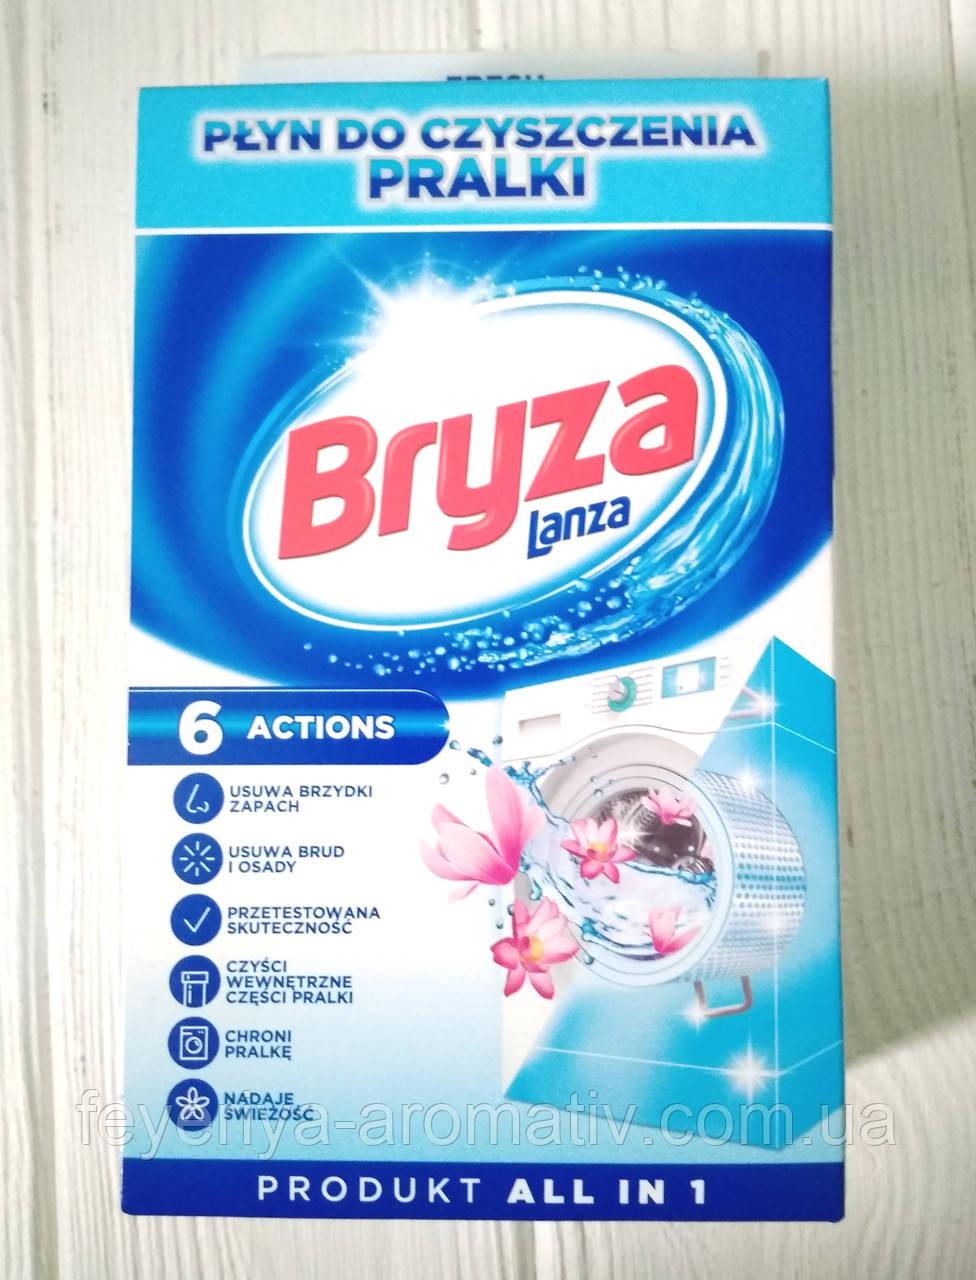 Жидкость для чистки стиральной машинки Bryza Lanza 6 actions all in1 250мл (Испания)